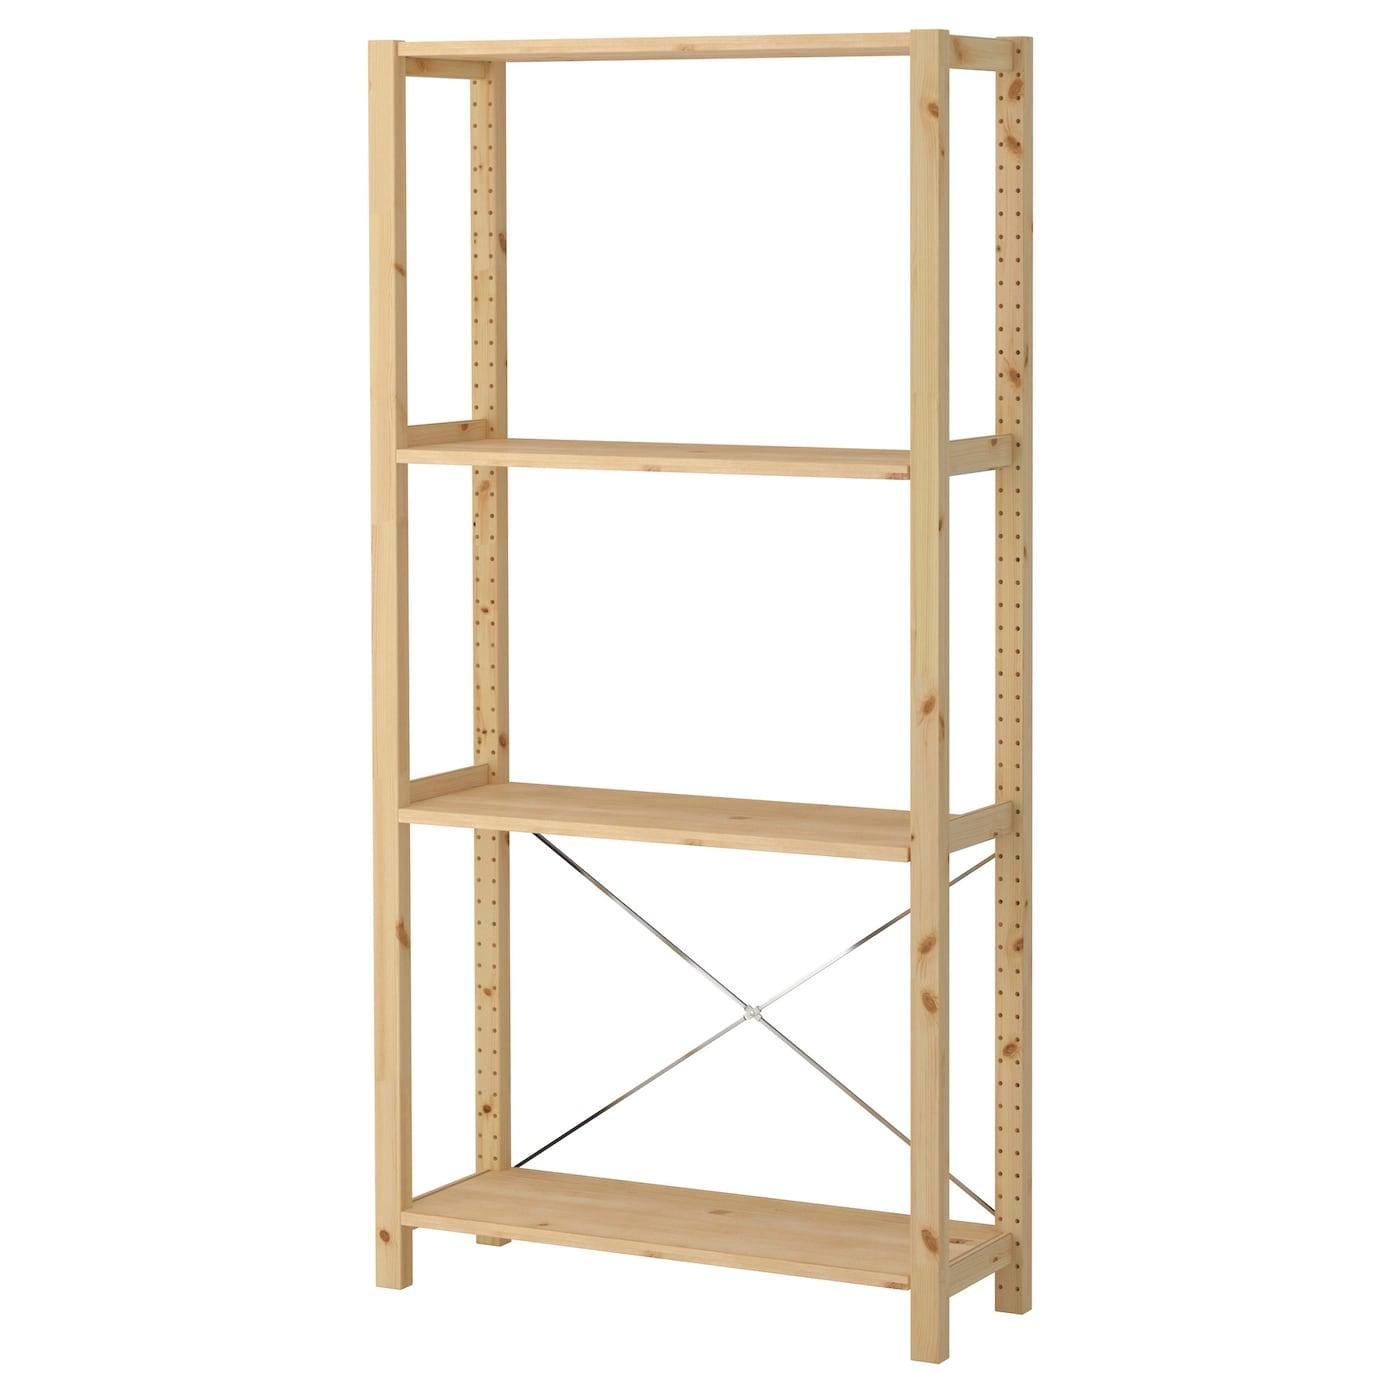 Ikea holzregal  Shelving Units | Shelving Systems | IKEA